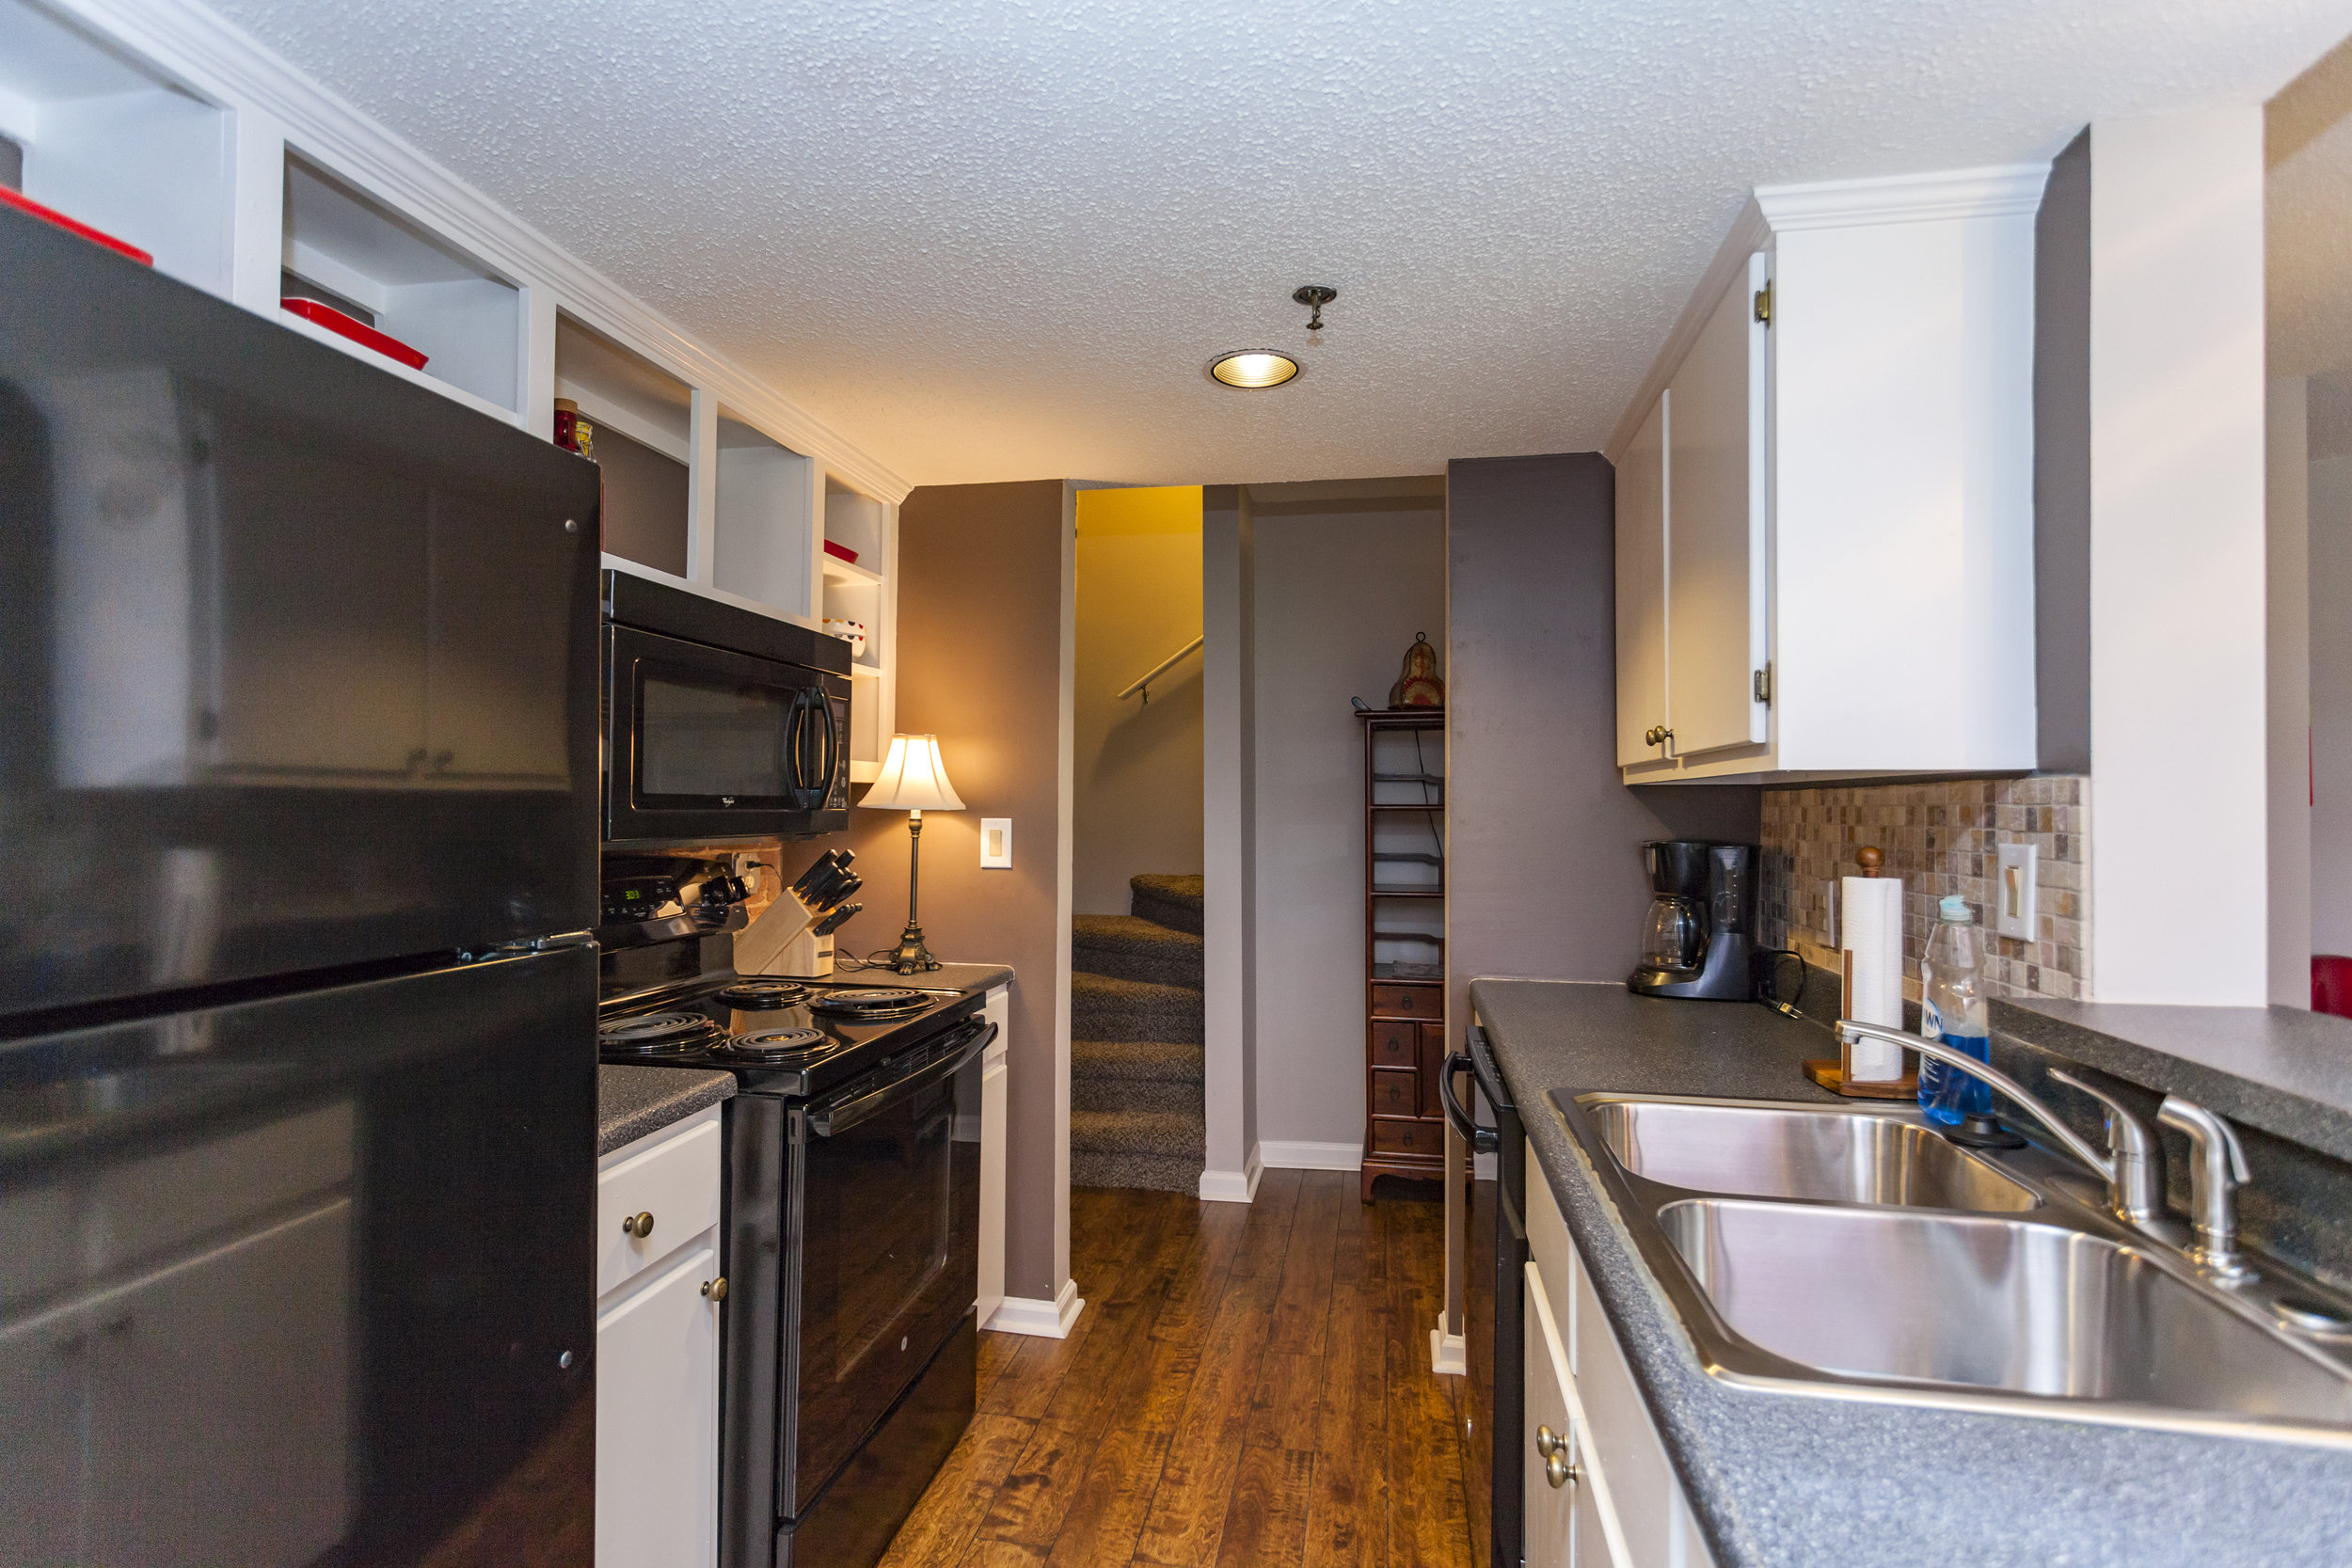 Full kitchen apartments in Nashville